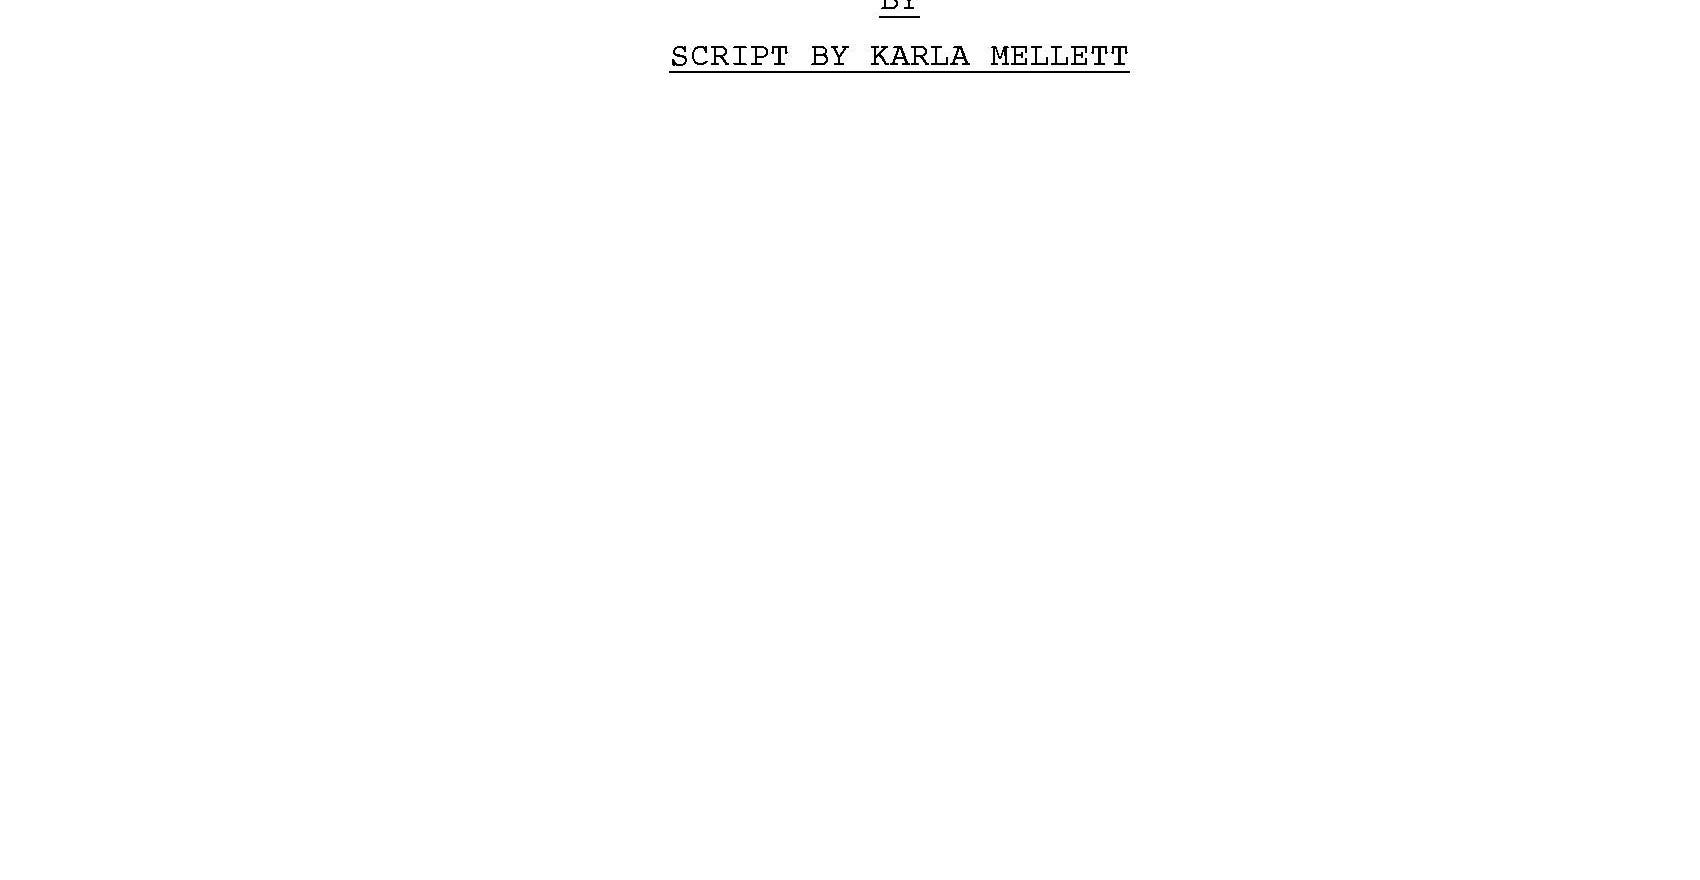 Mellett_Karla_Script_9 copy_Page_1.jpg